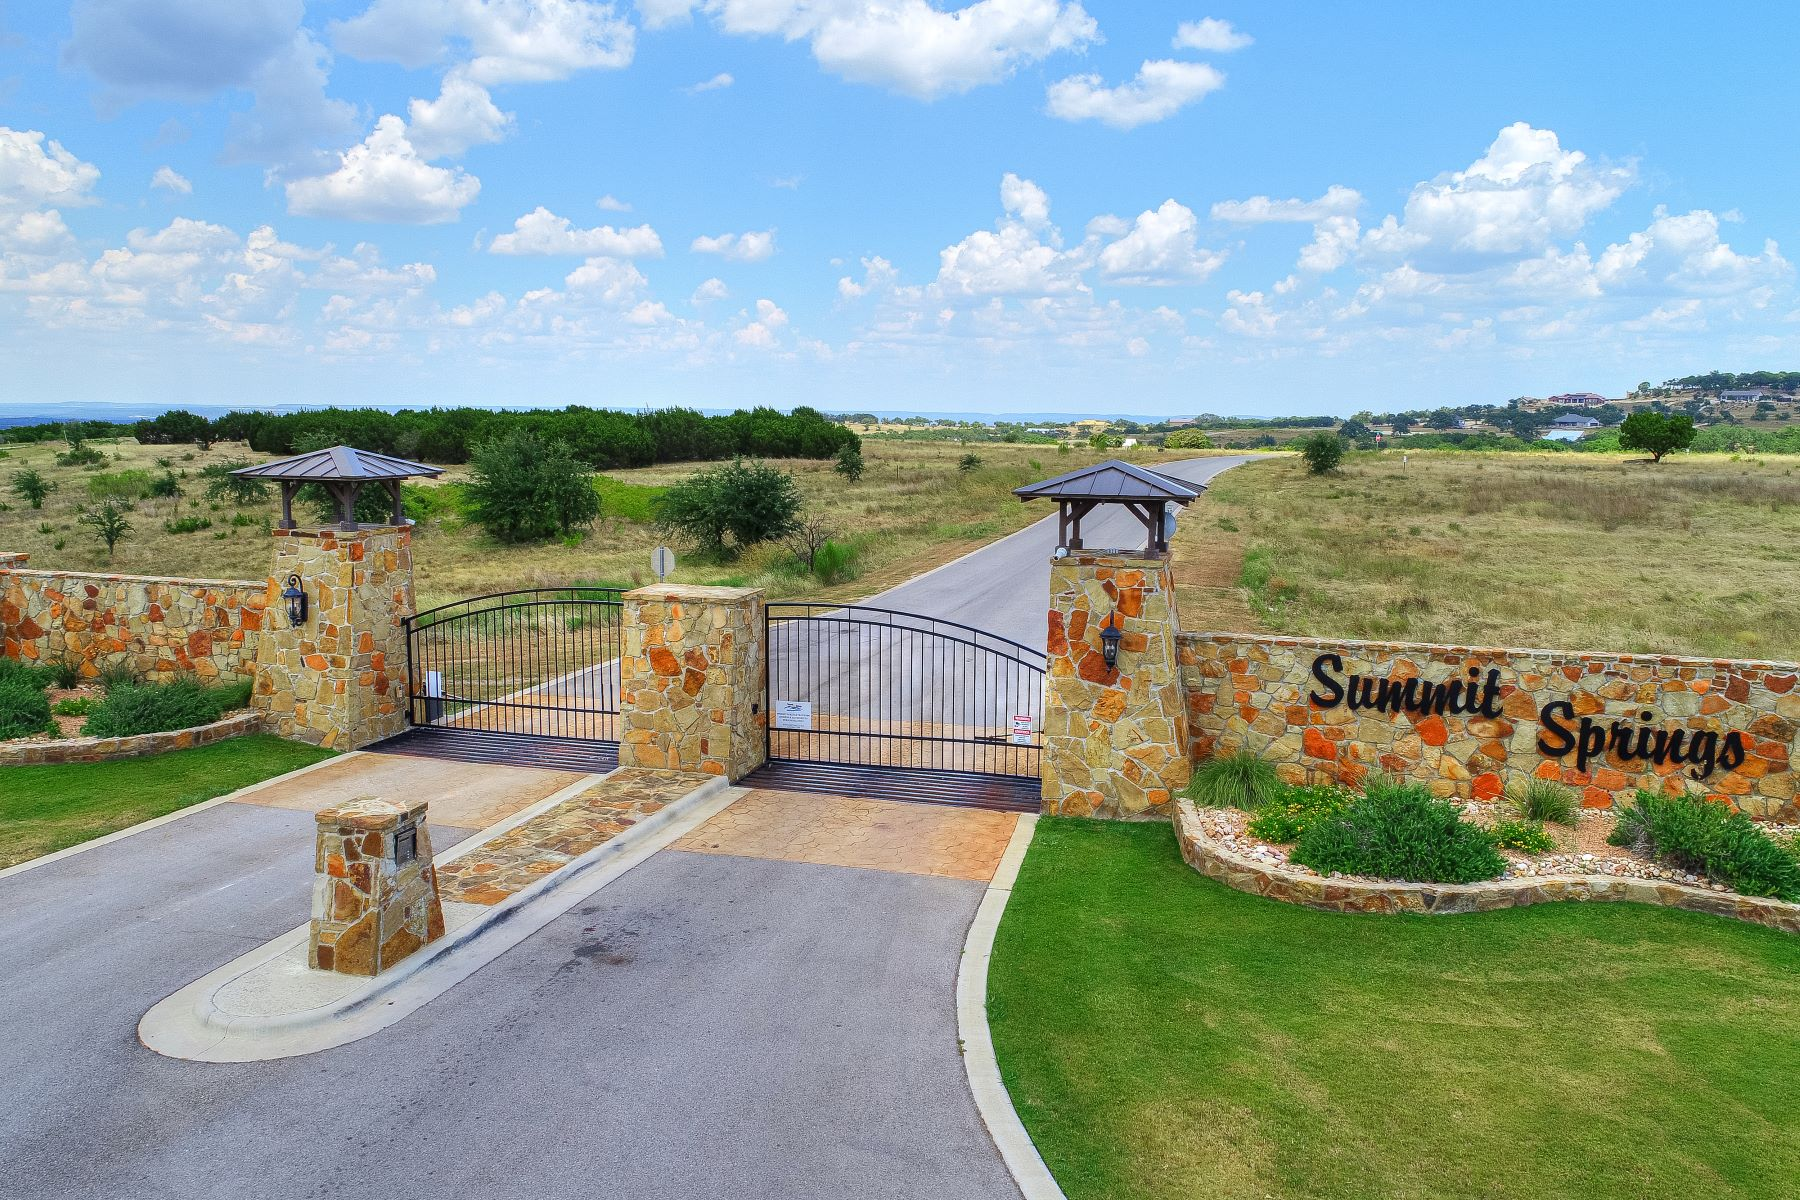 토지 용 매매 에 5 Acres in Gated Summit Springs Lot 20 Summit Springs Blackbuck Ct., Marble Falls, 텍사스 78654 미국